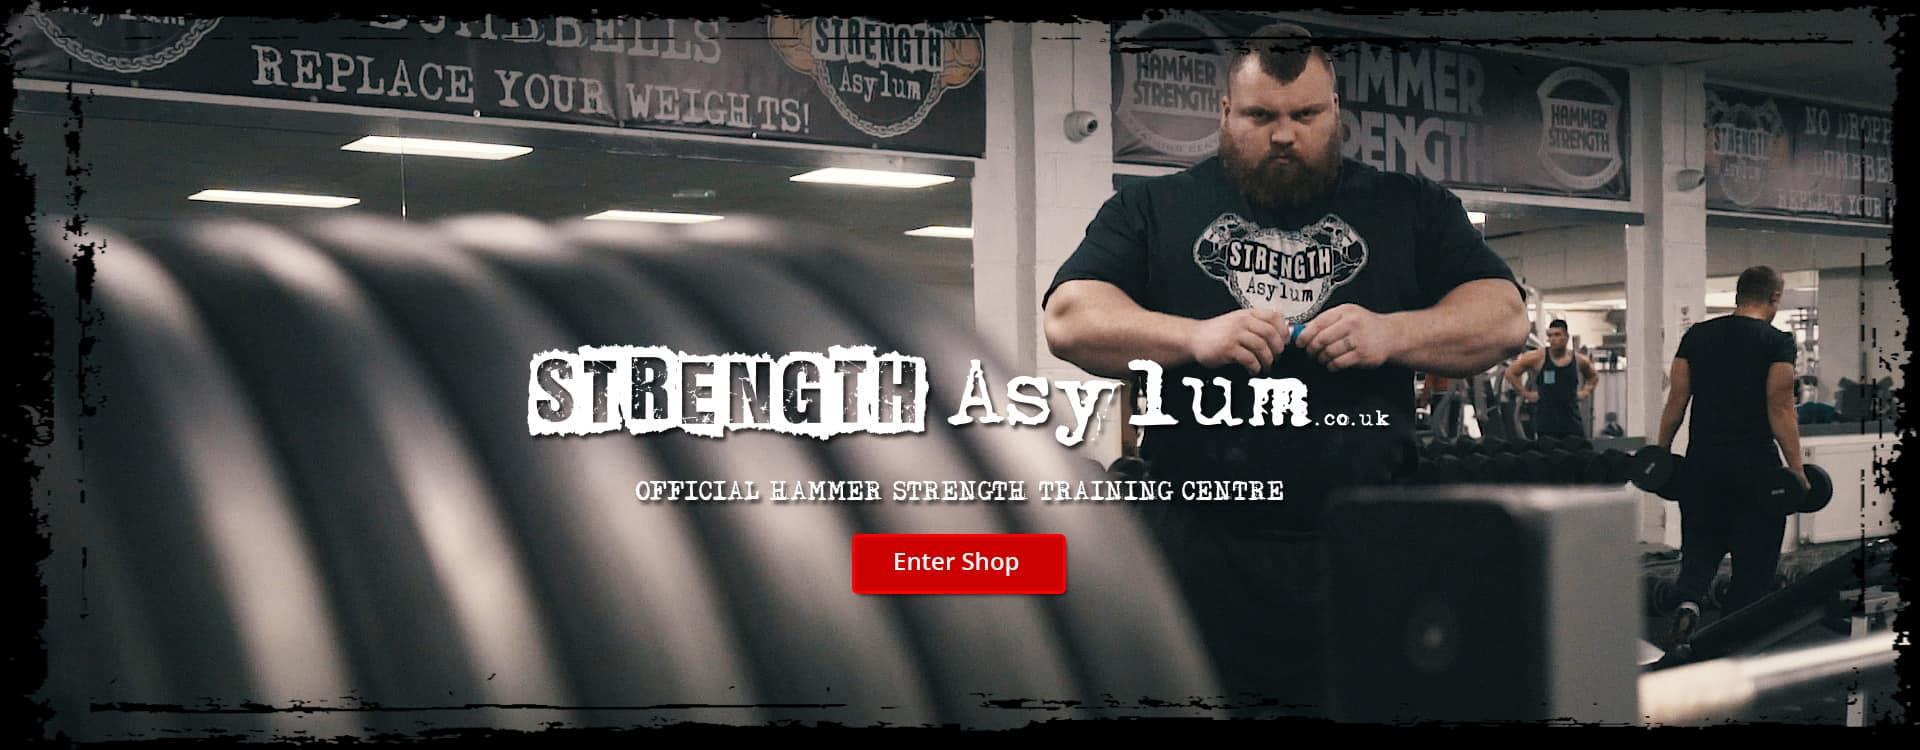 http://www.strengthasylum.co.uk/wp-content/uploads/2017/02/feb-banner-1.jpg